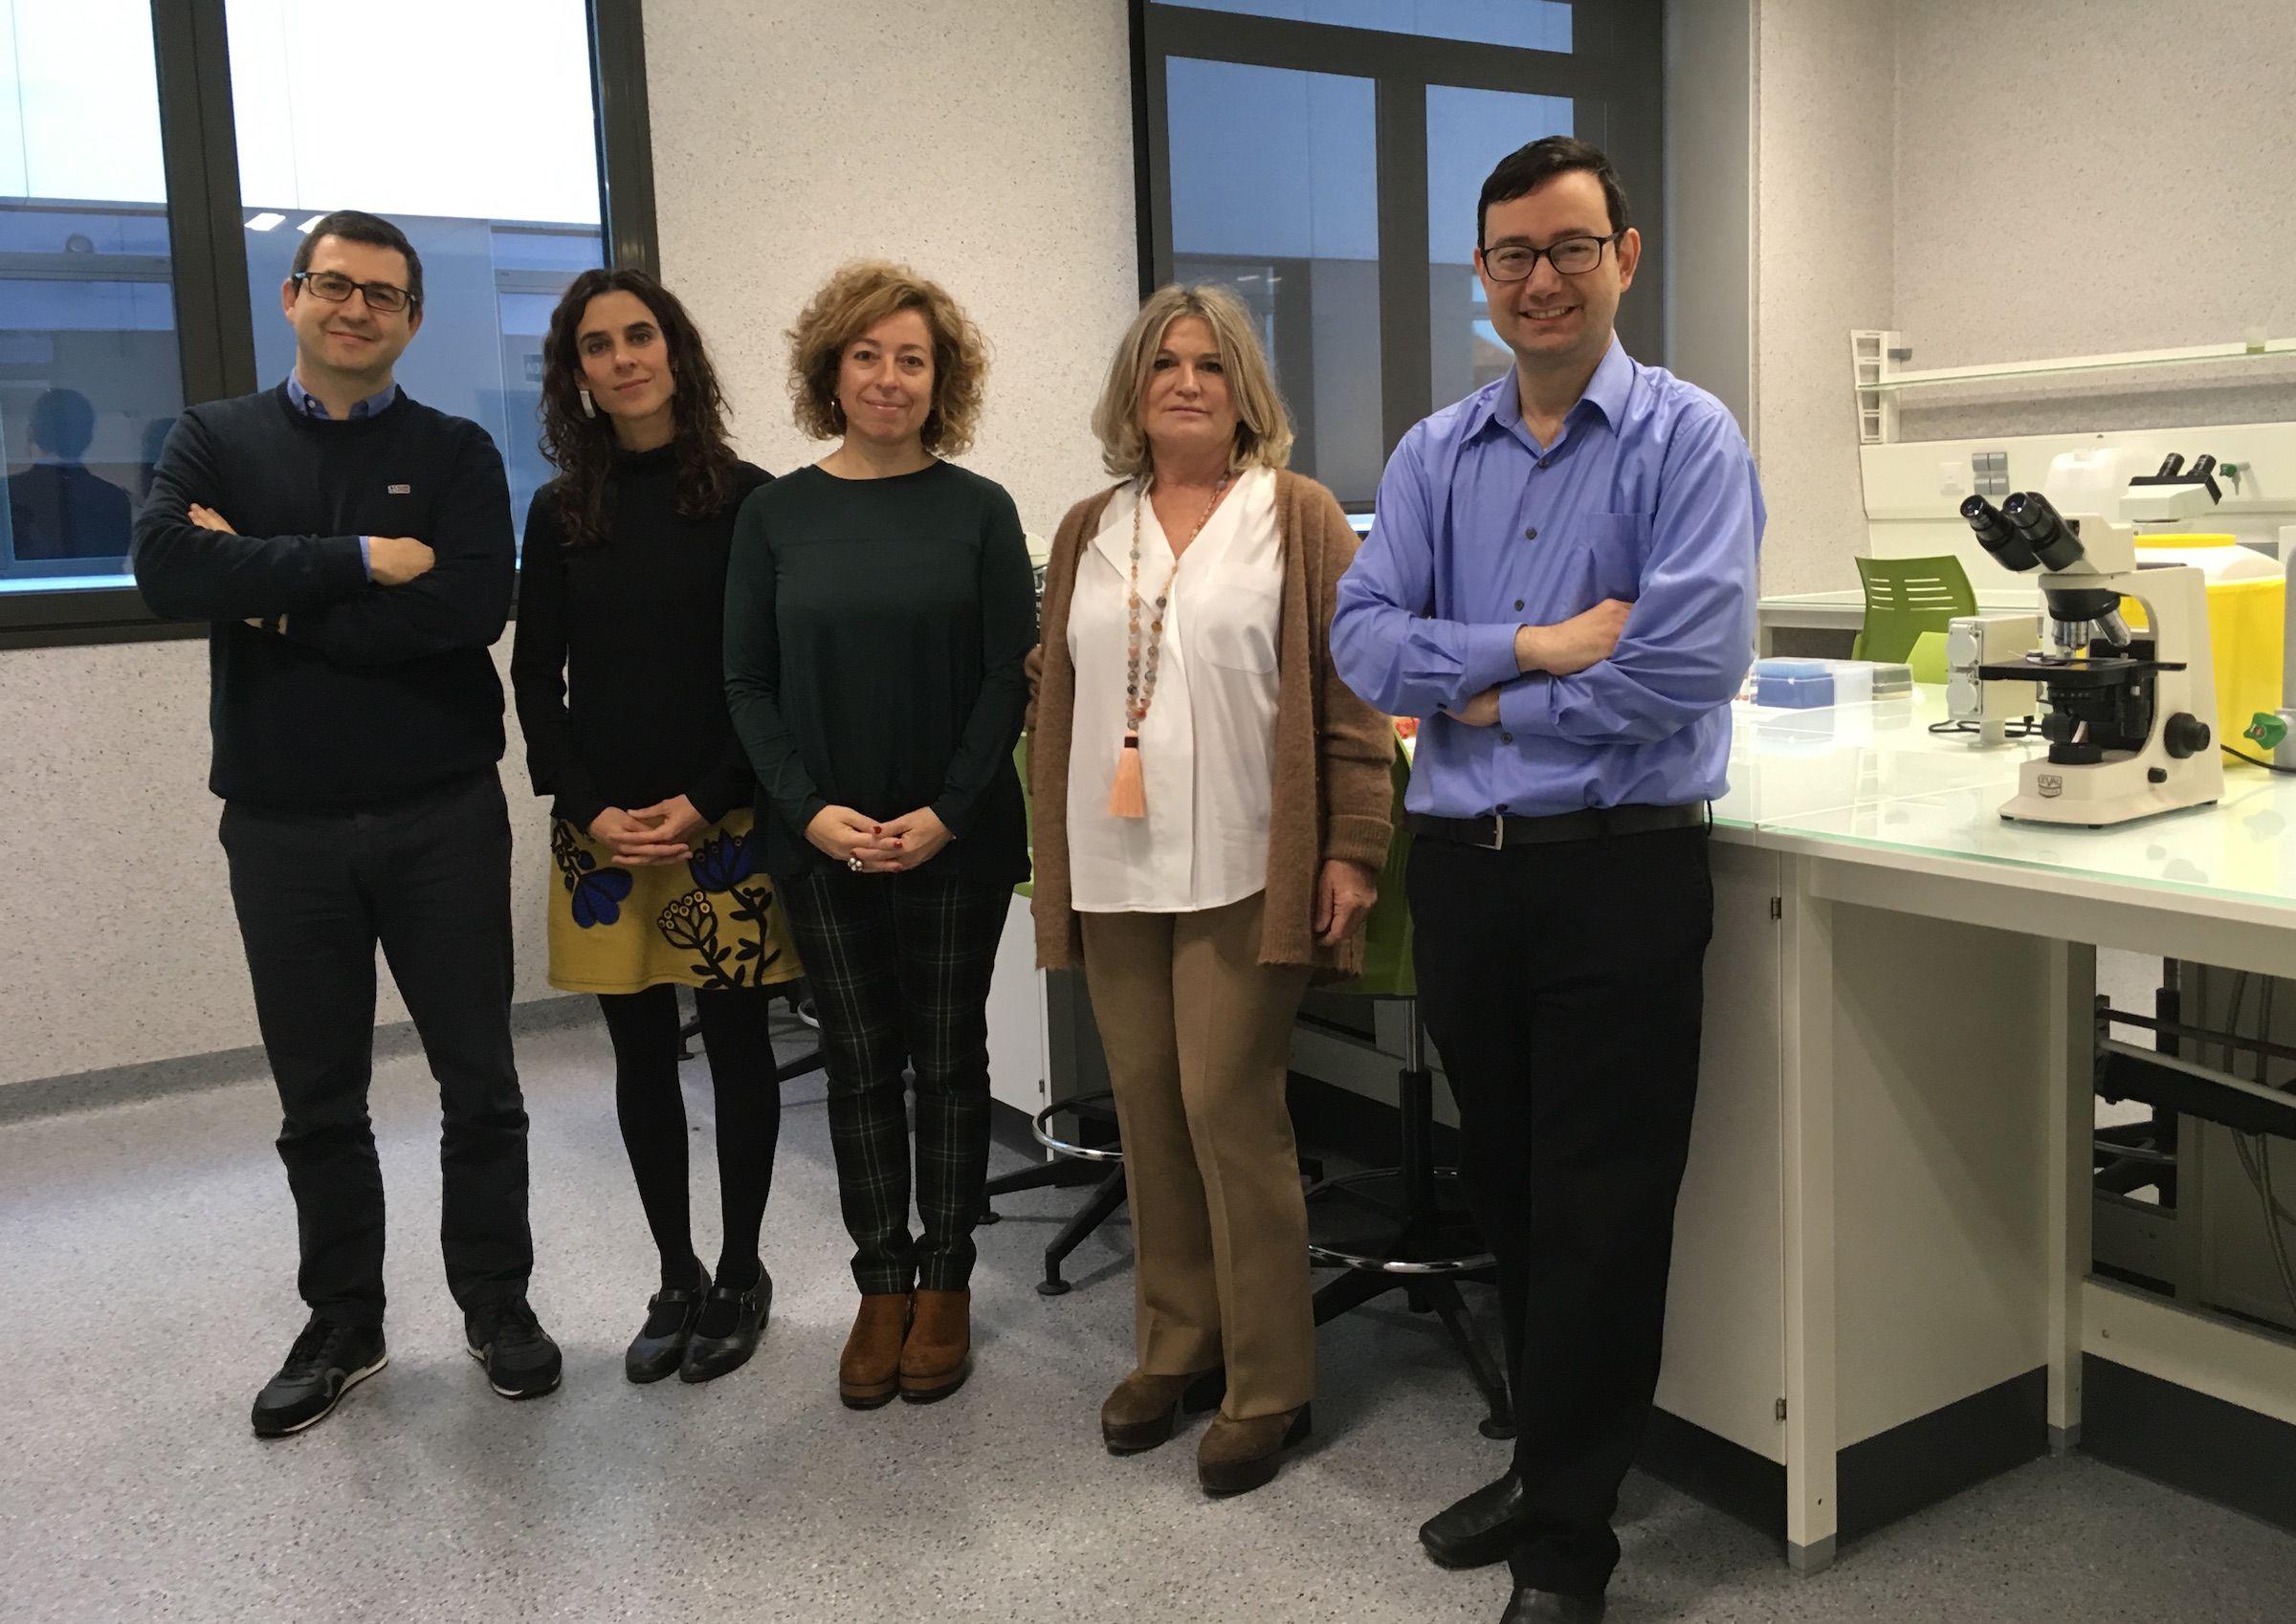 Los investigadores de la CEU UCH Juan Pardo, María Dolores Guerrero, Lucrecia Moreno, Maite Climent y Javier Muñoz, autores del estudio sobre detección precoz del deterioro cognitivo en farmacias.